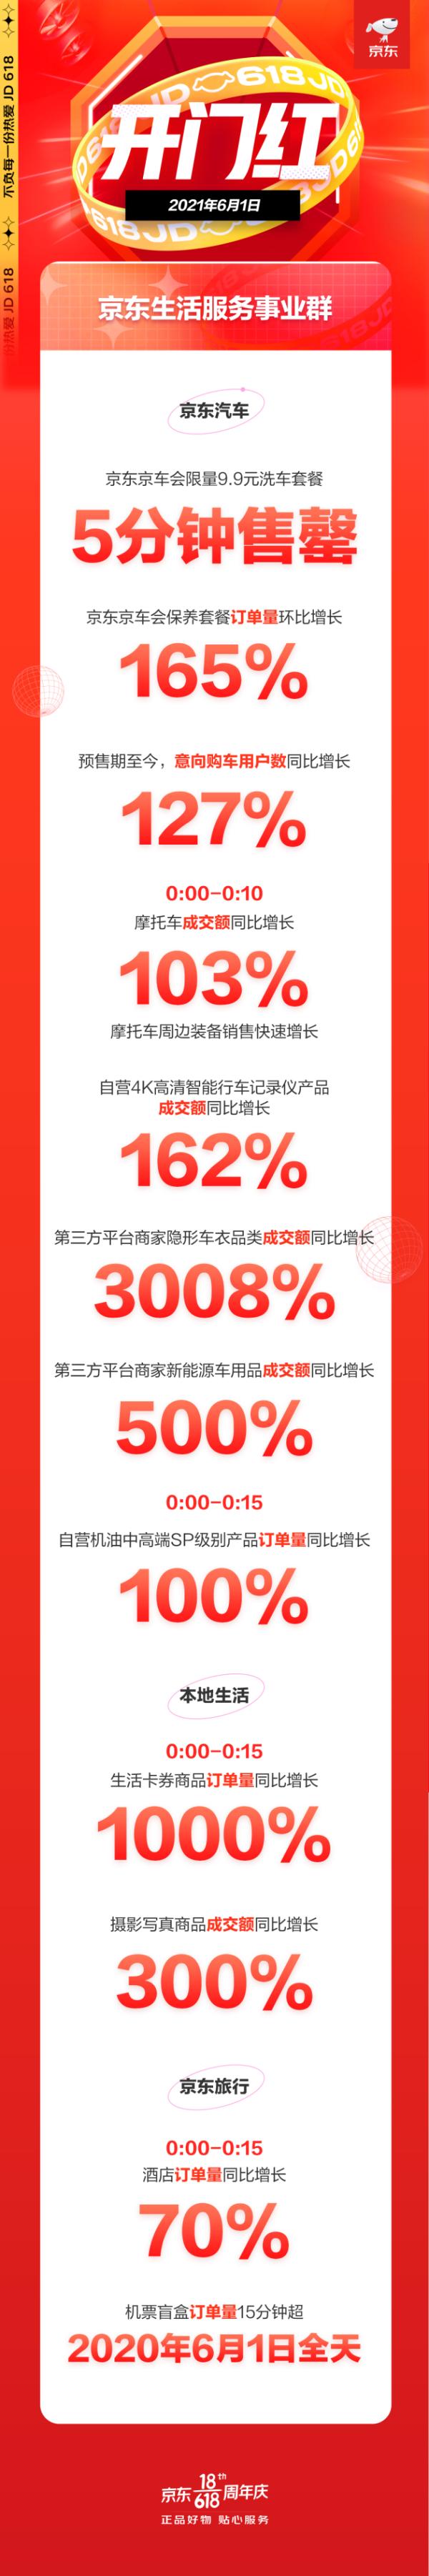 京东618生活服务迎来开门红 京东京车会保养套餐预定量环比增长165%